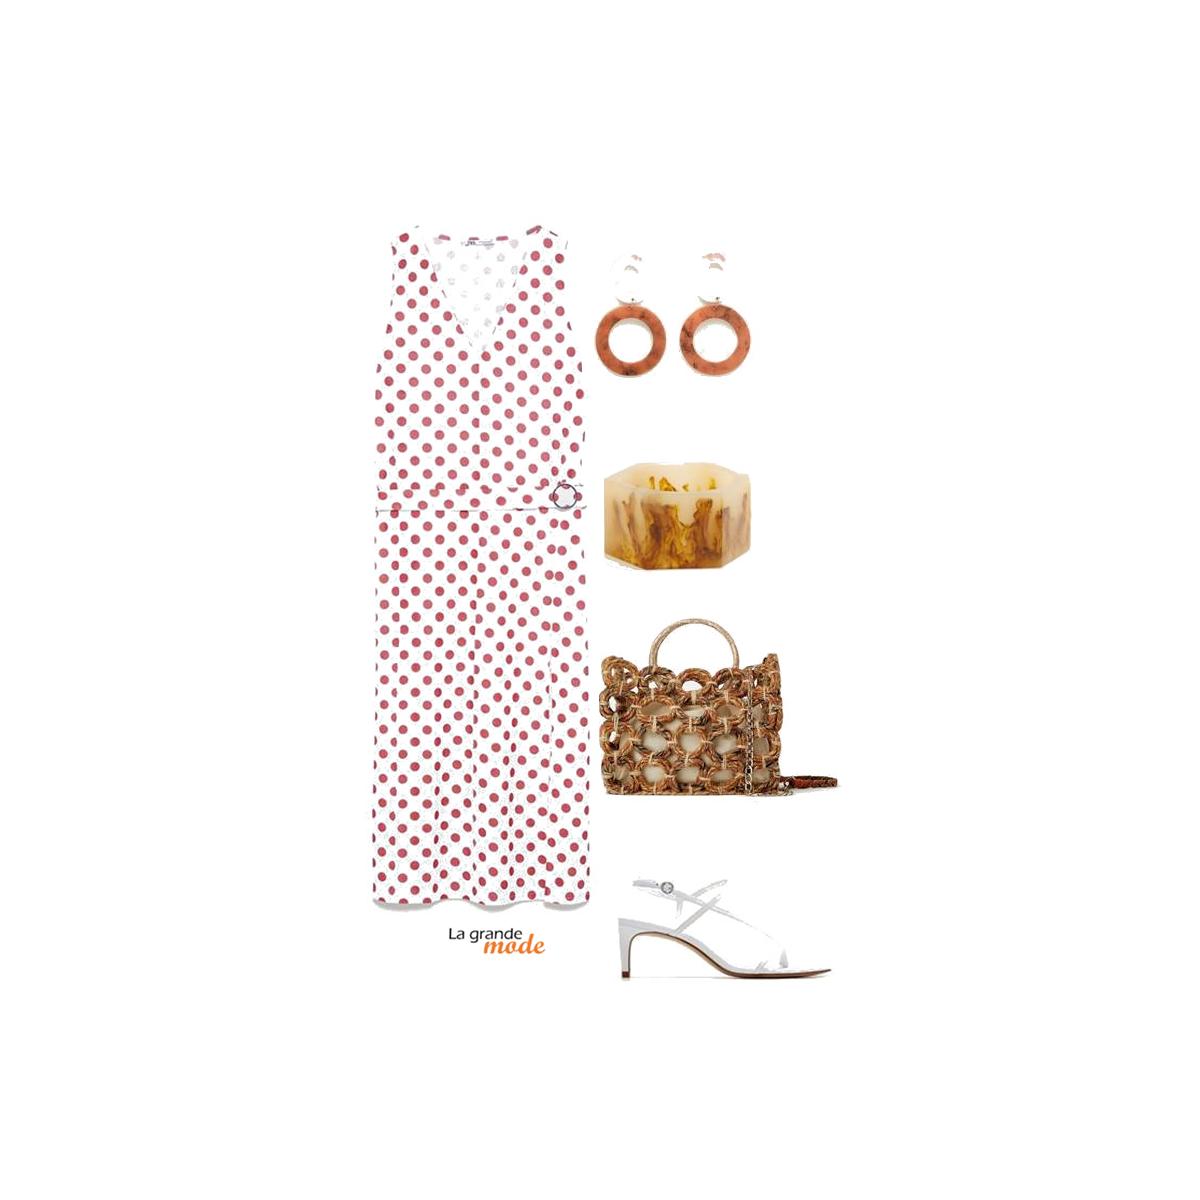 La Grande Mode - Idée look avec une robe à pois et un panier - Tendance mode printemps été 2019